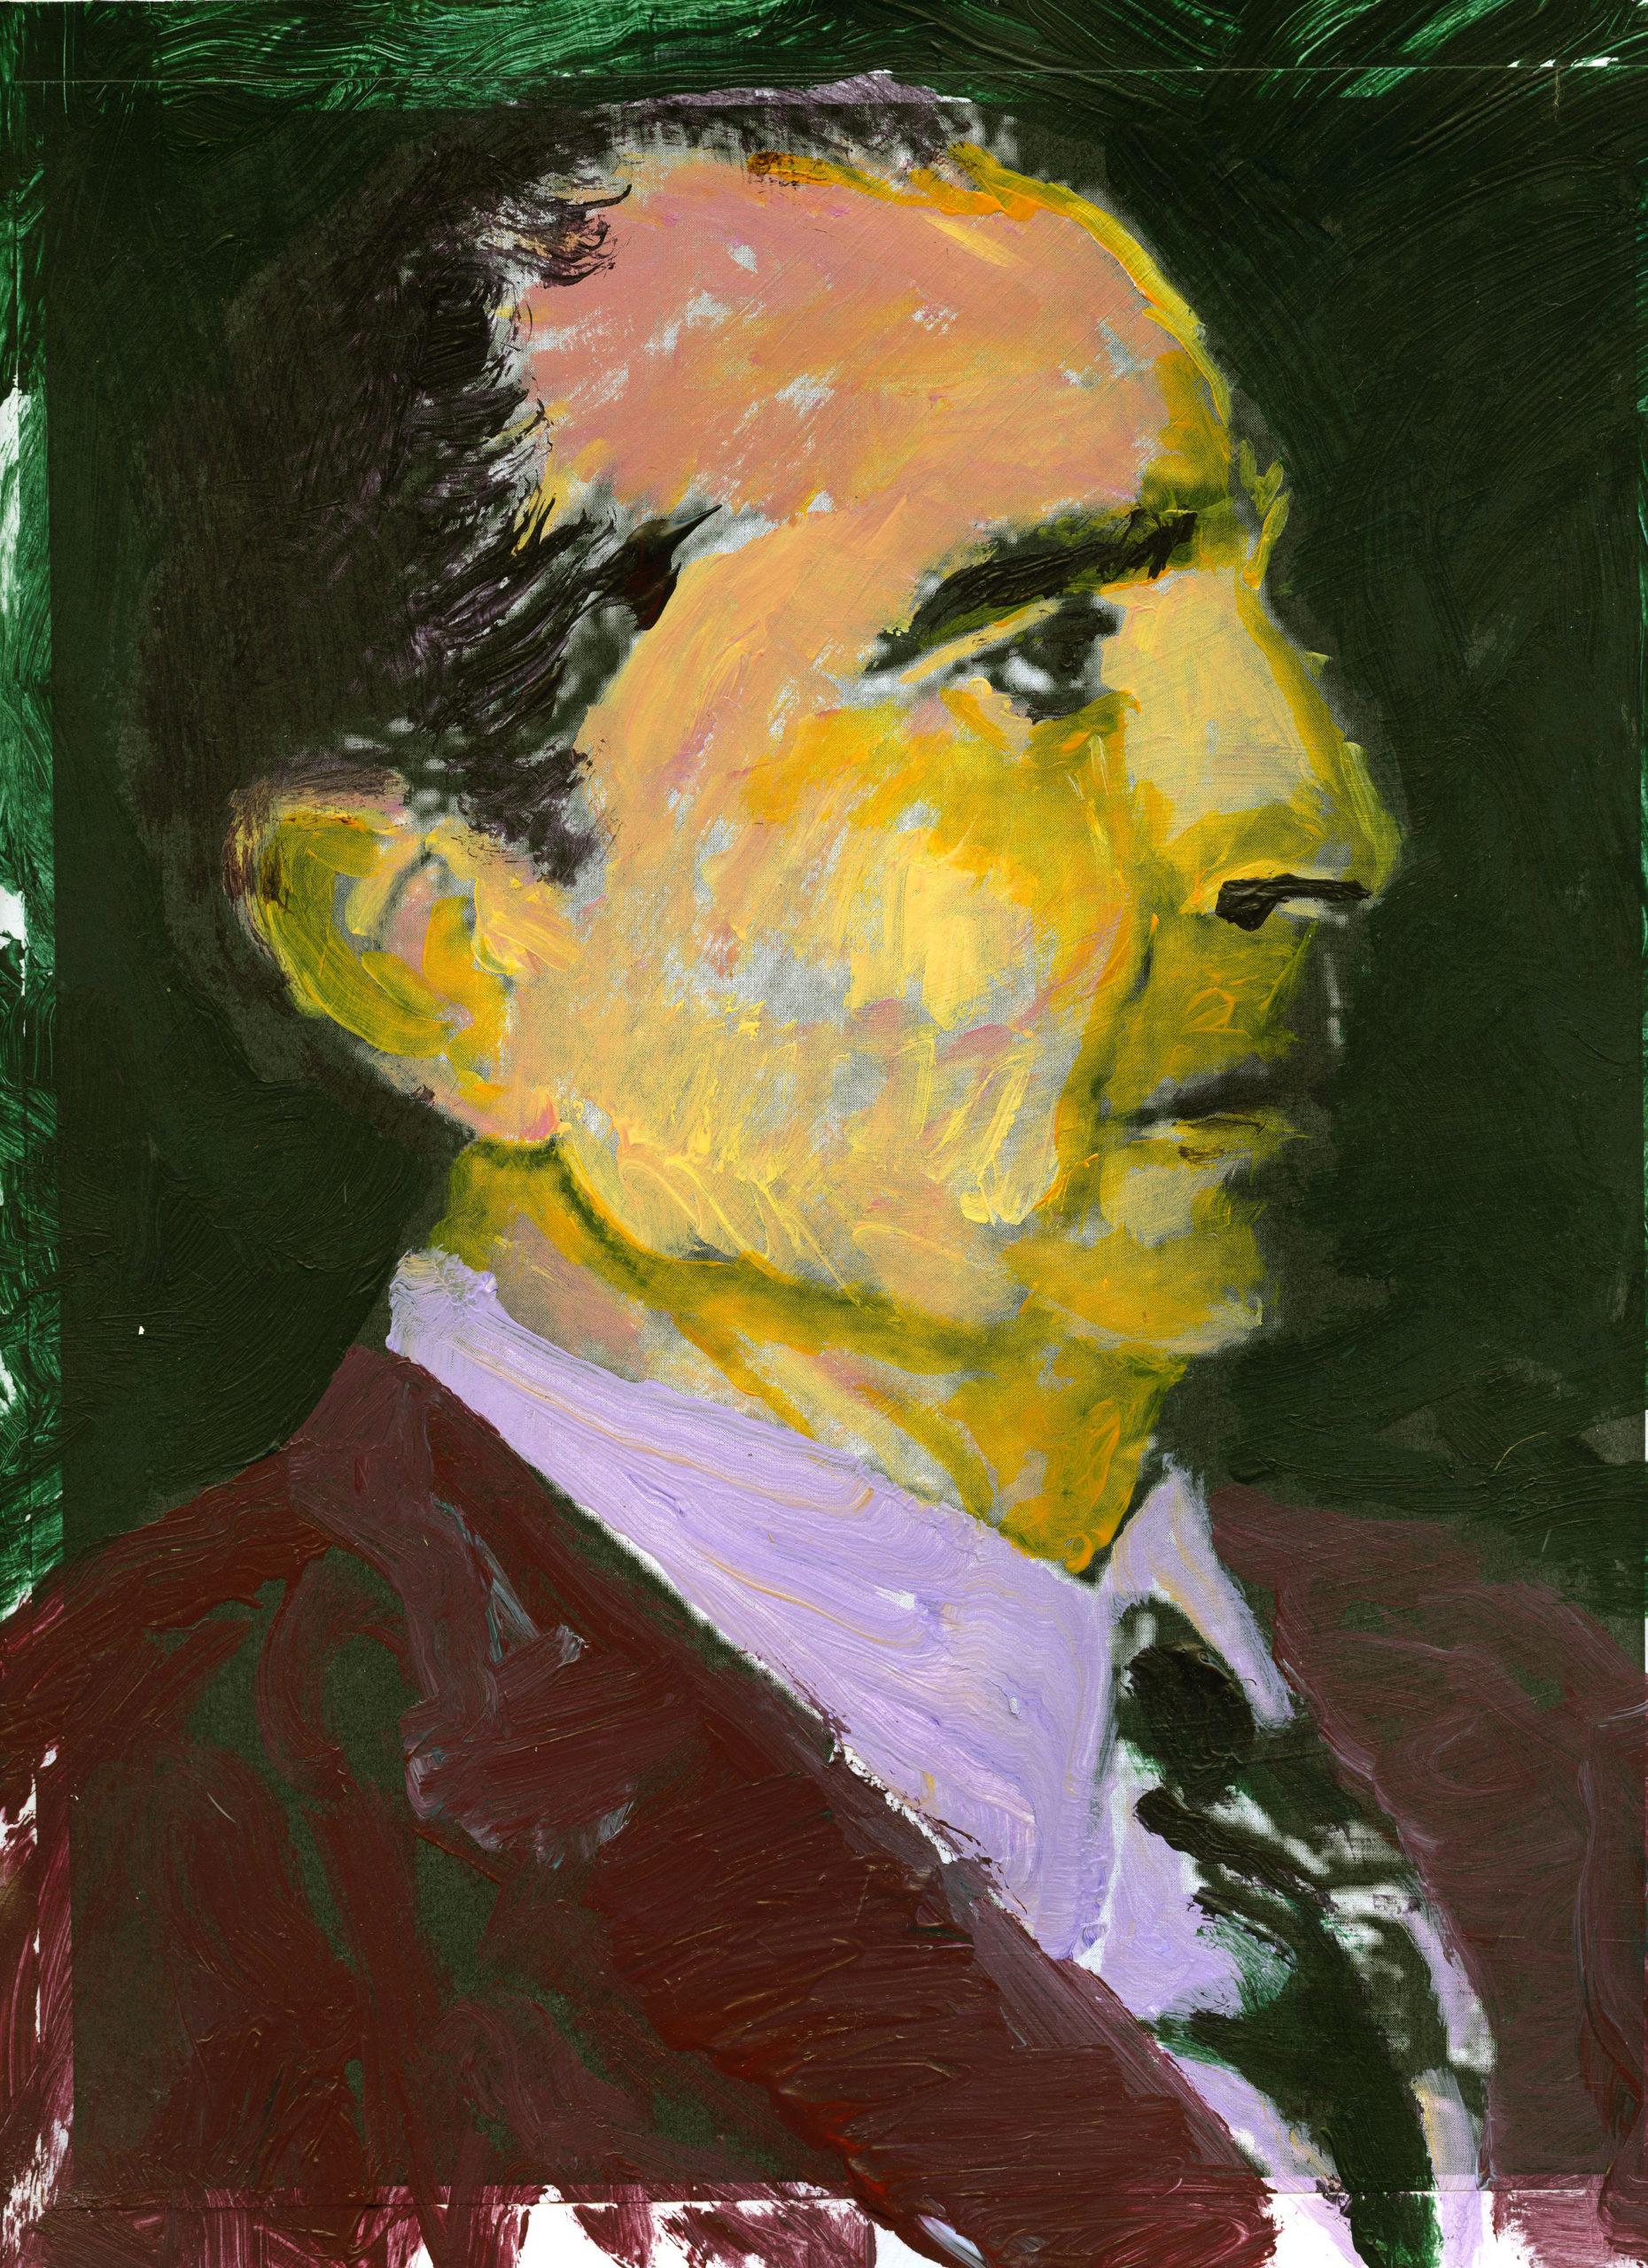 Arancibia, Francisco Isauro